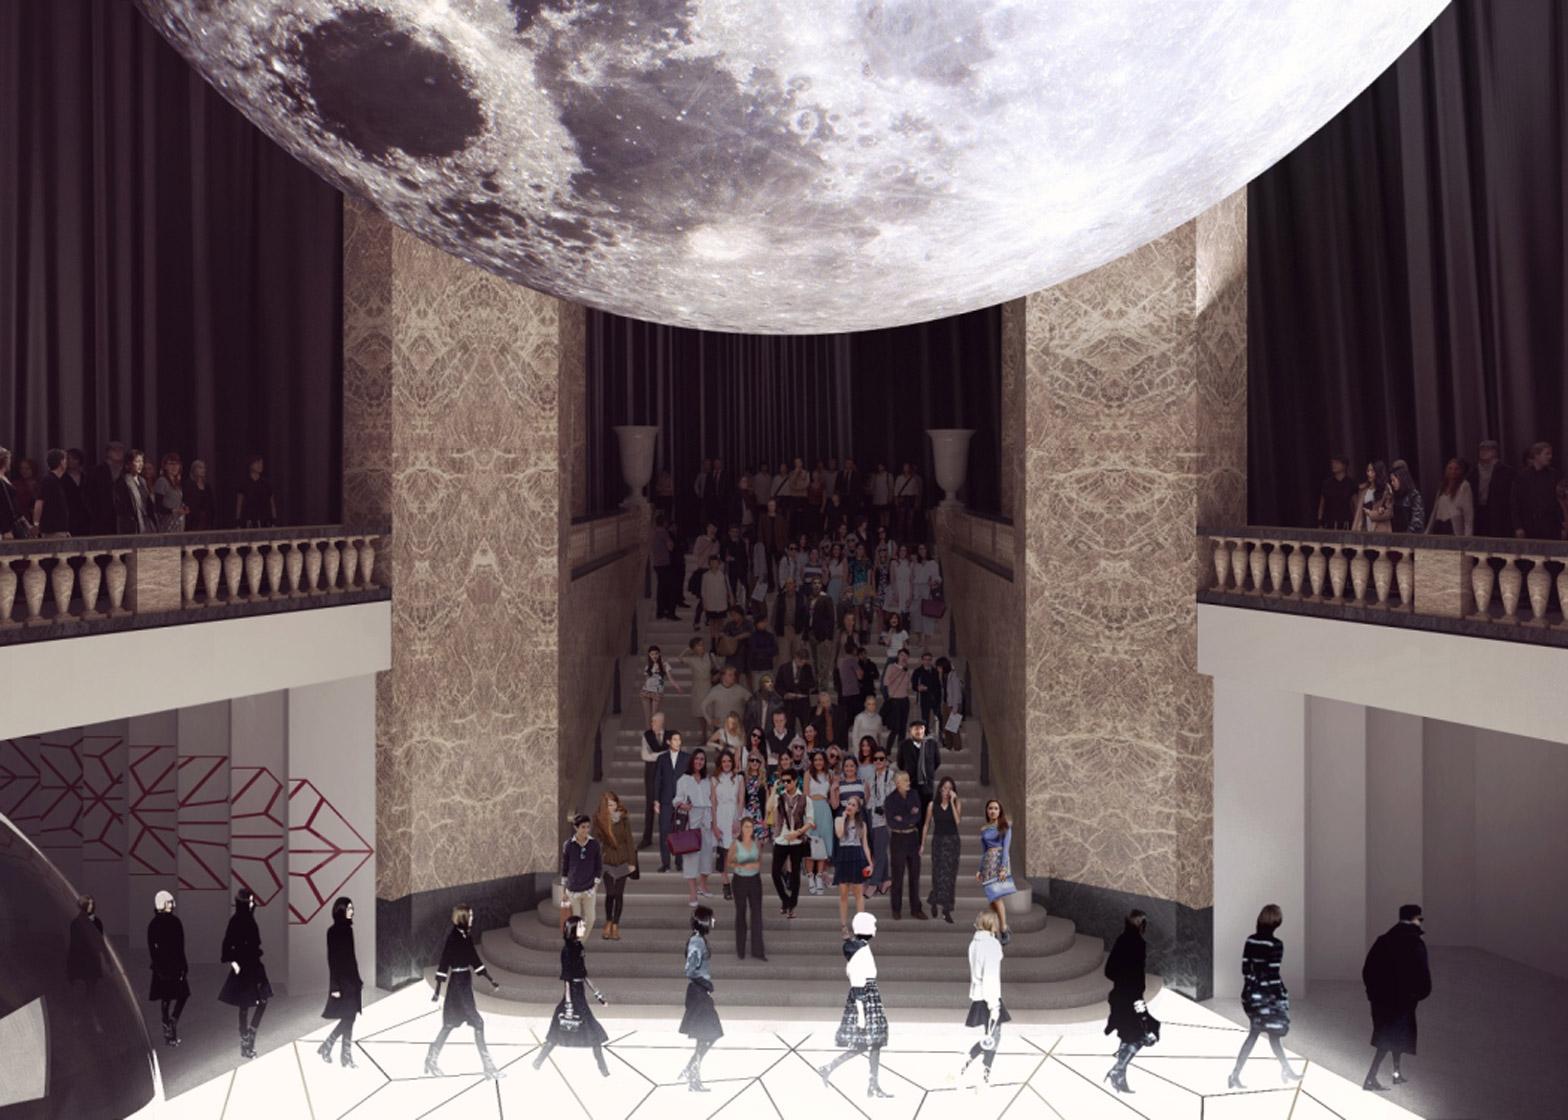 Bjarke Ingels to design Galeries Lafayette flagship on Paris' Champs-Élysées